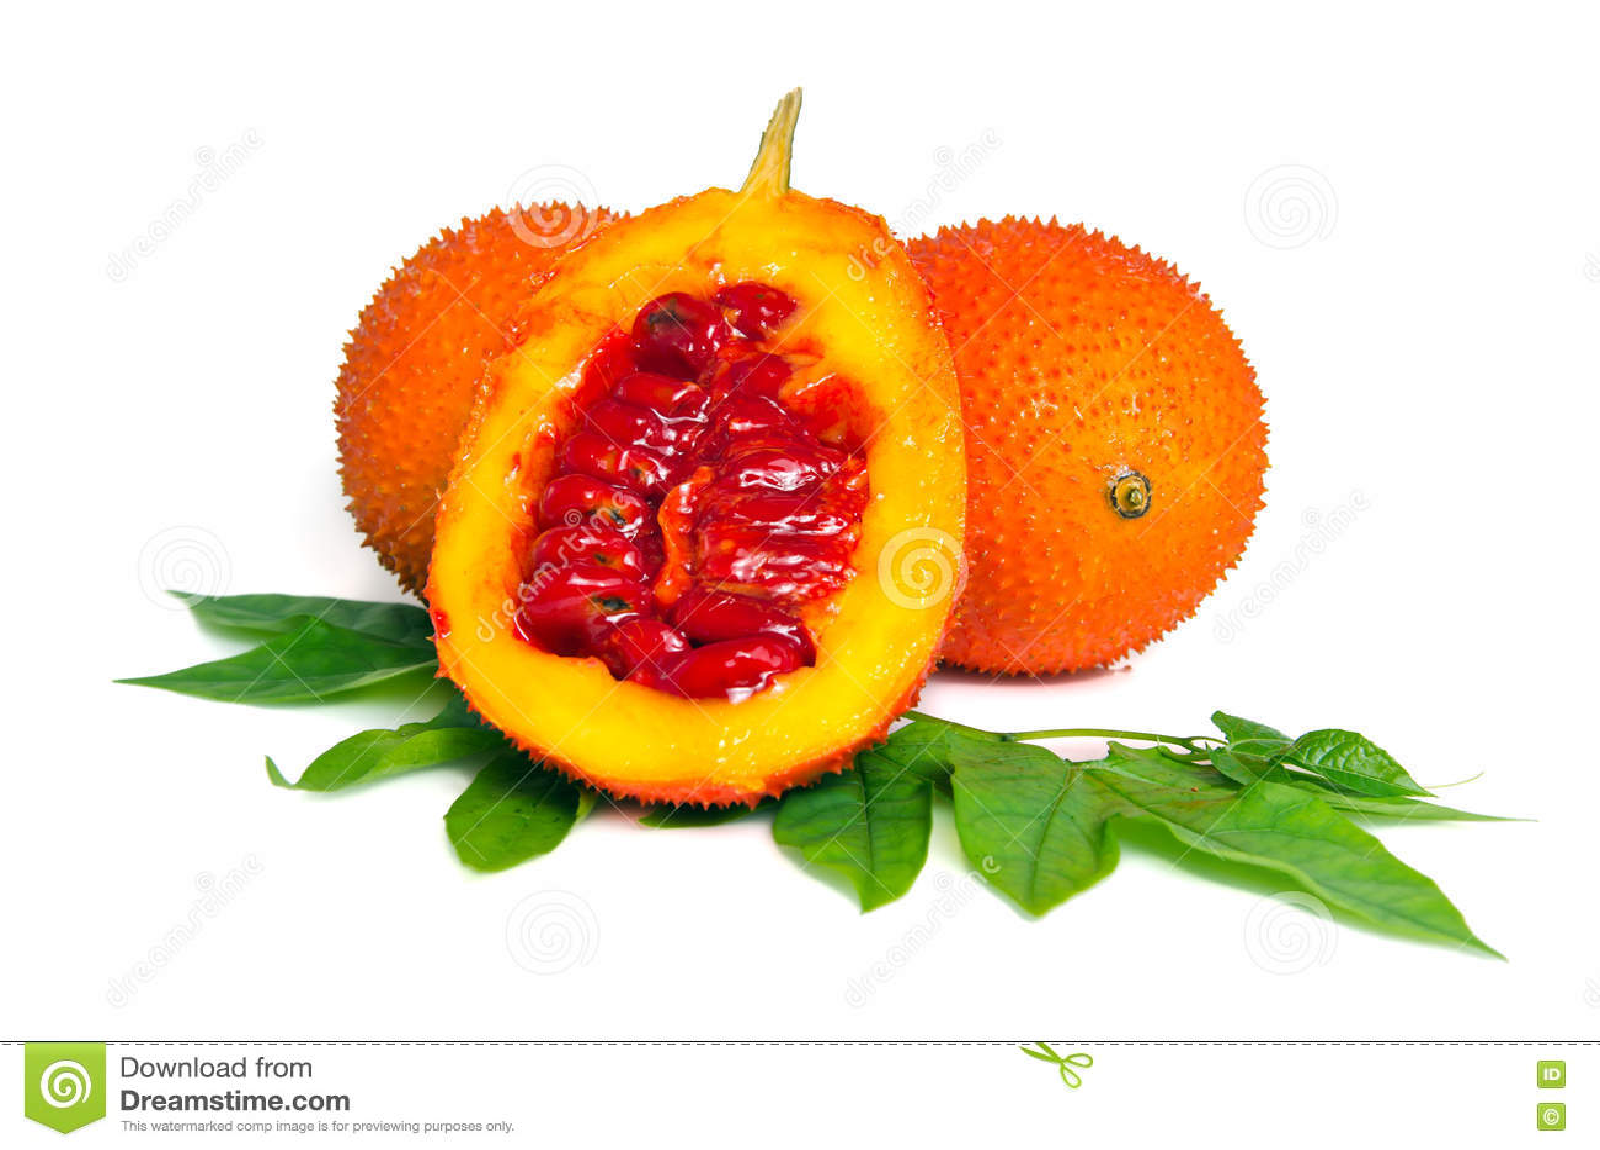 fruit de gac typique des aliments v g taux de couleur orange en asie avec l 39 ha photo stock. Black Bedroom Furniture Sets. Home Design Ideas